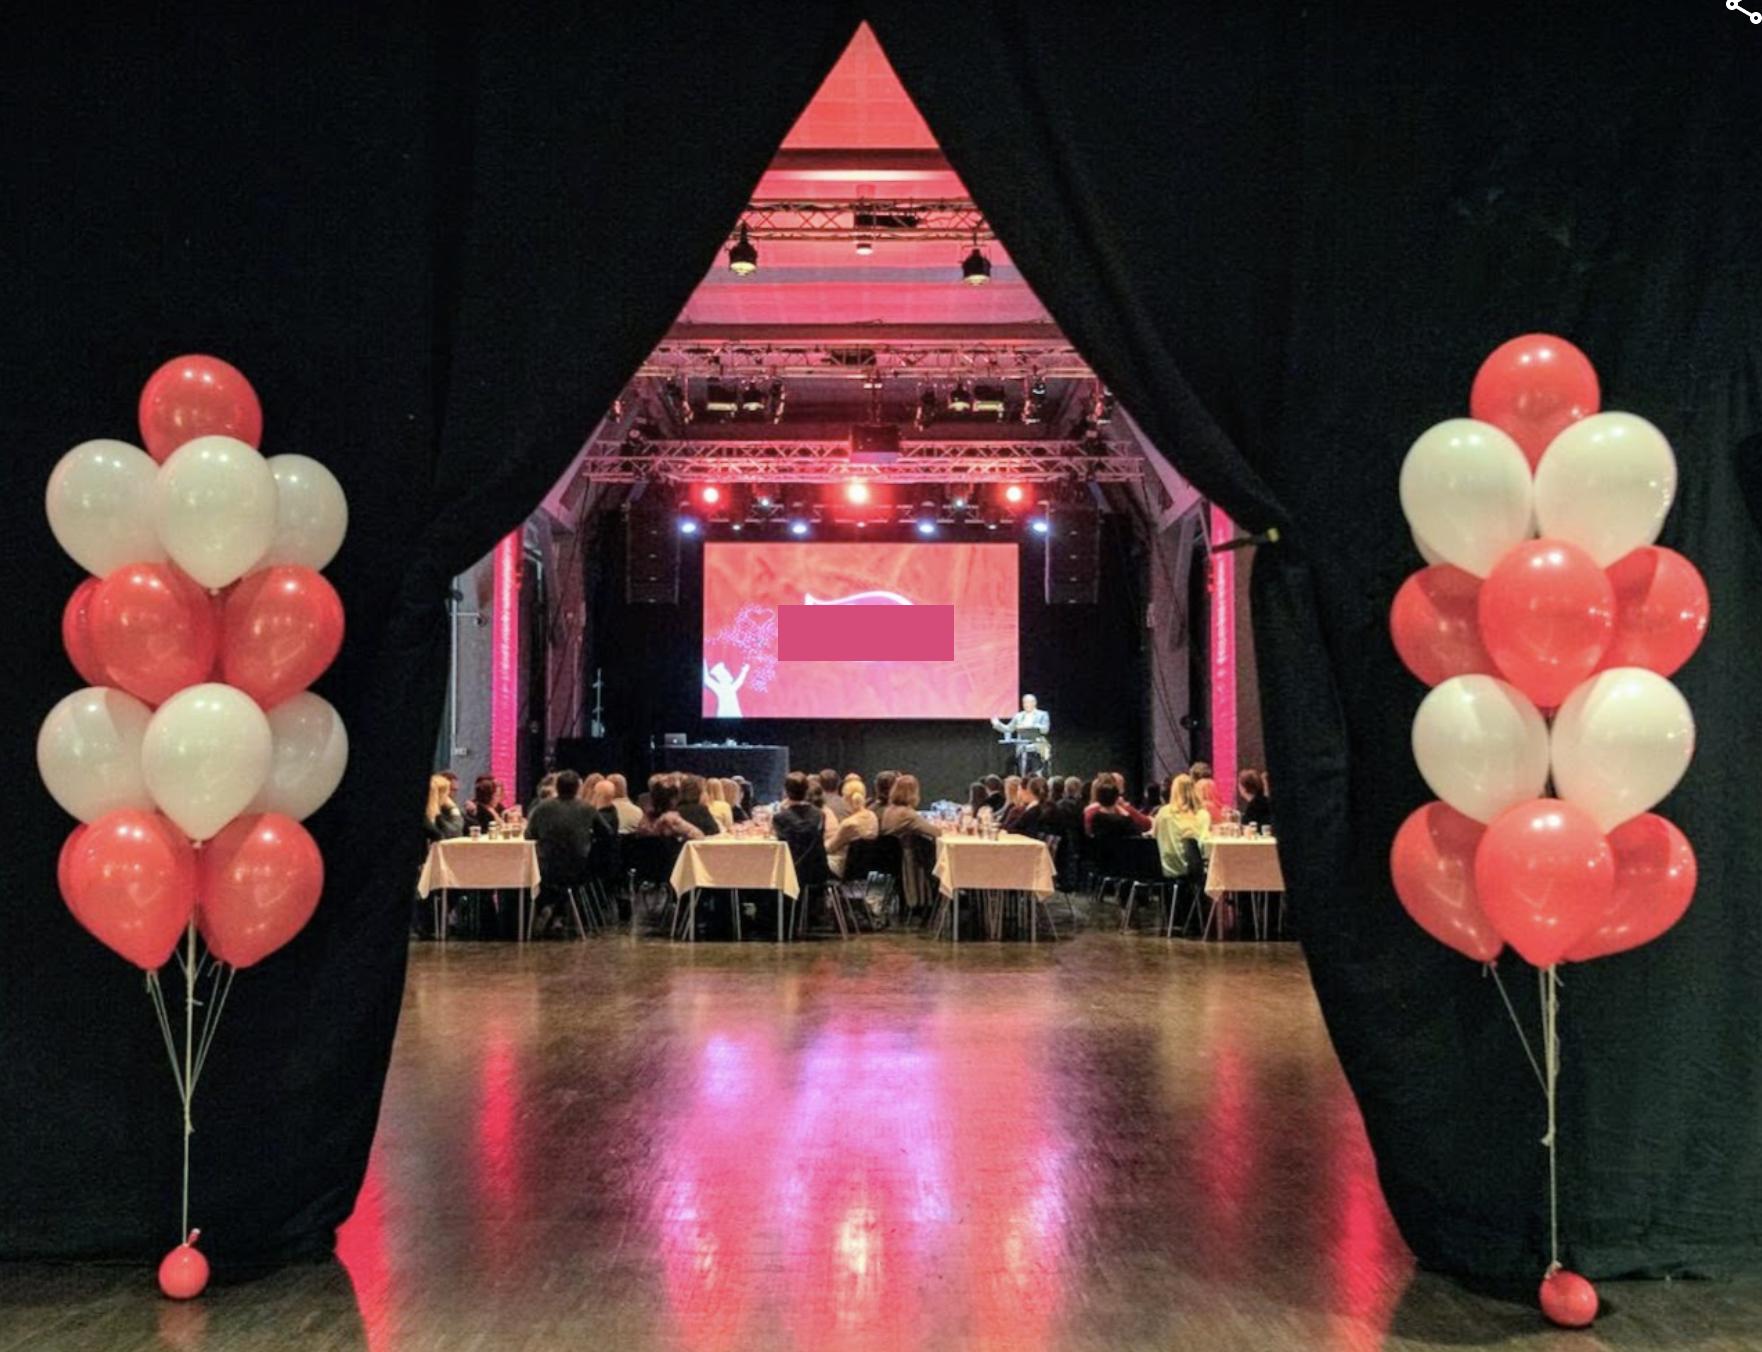 Red Events – varaa paras tapahtumatoimisto tapahtumaasi Venuu.fi:stä